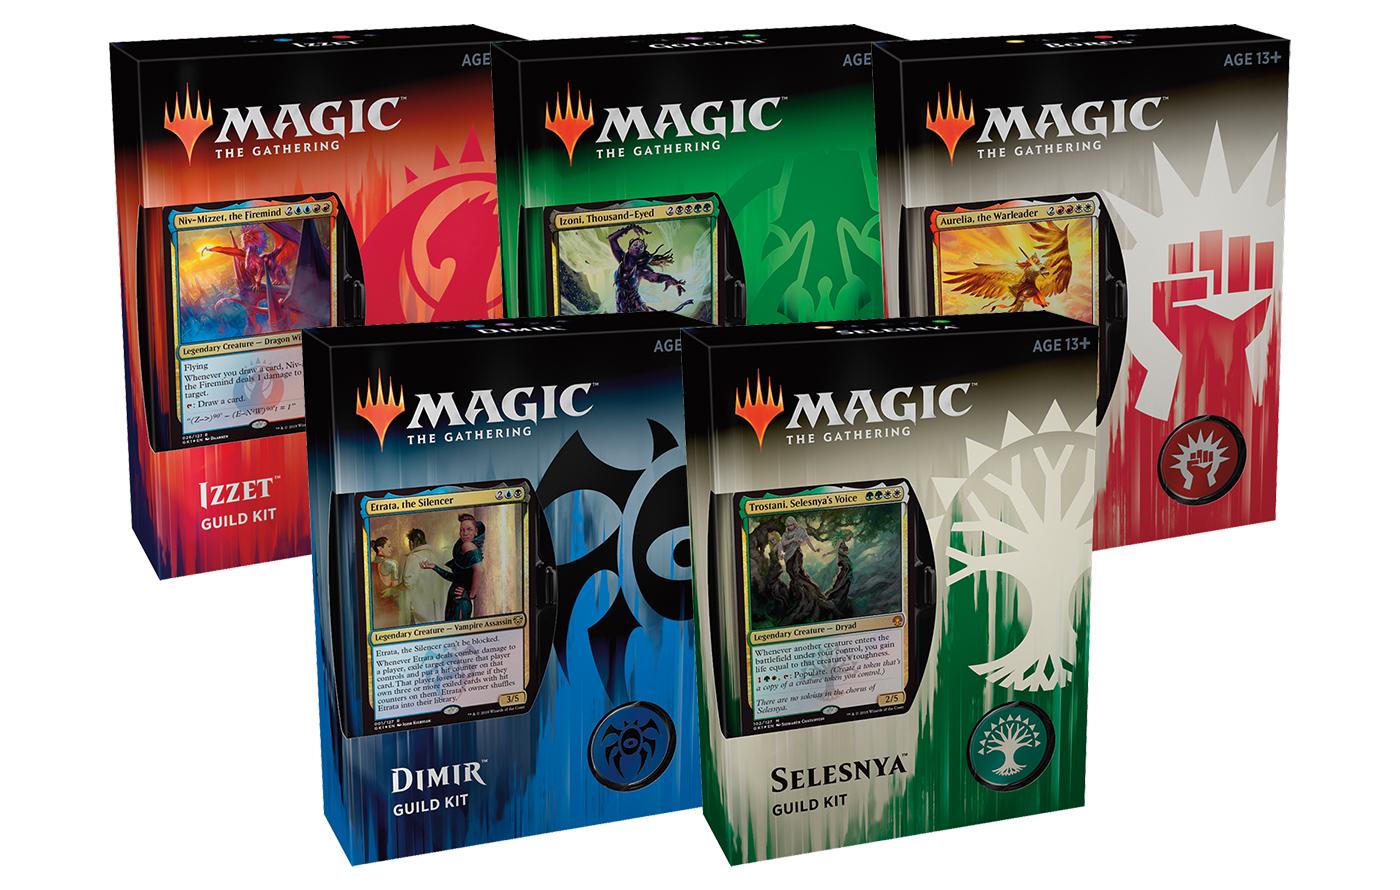 Guild Kits